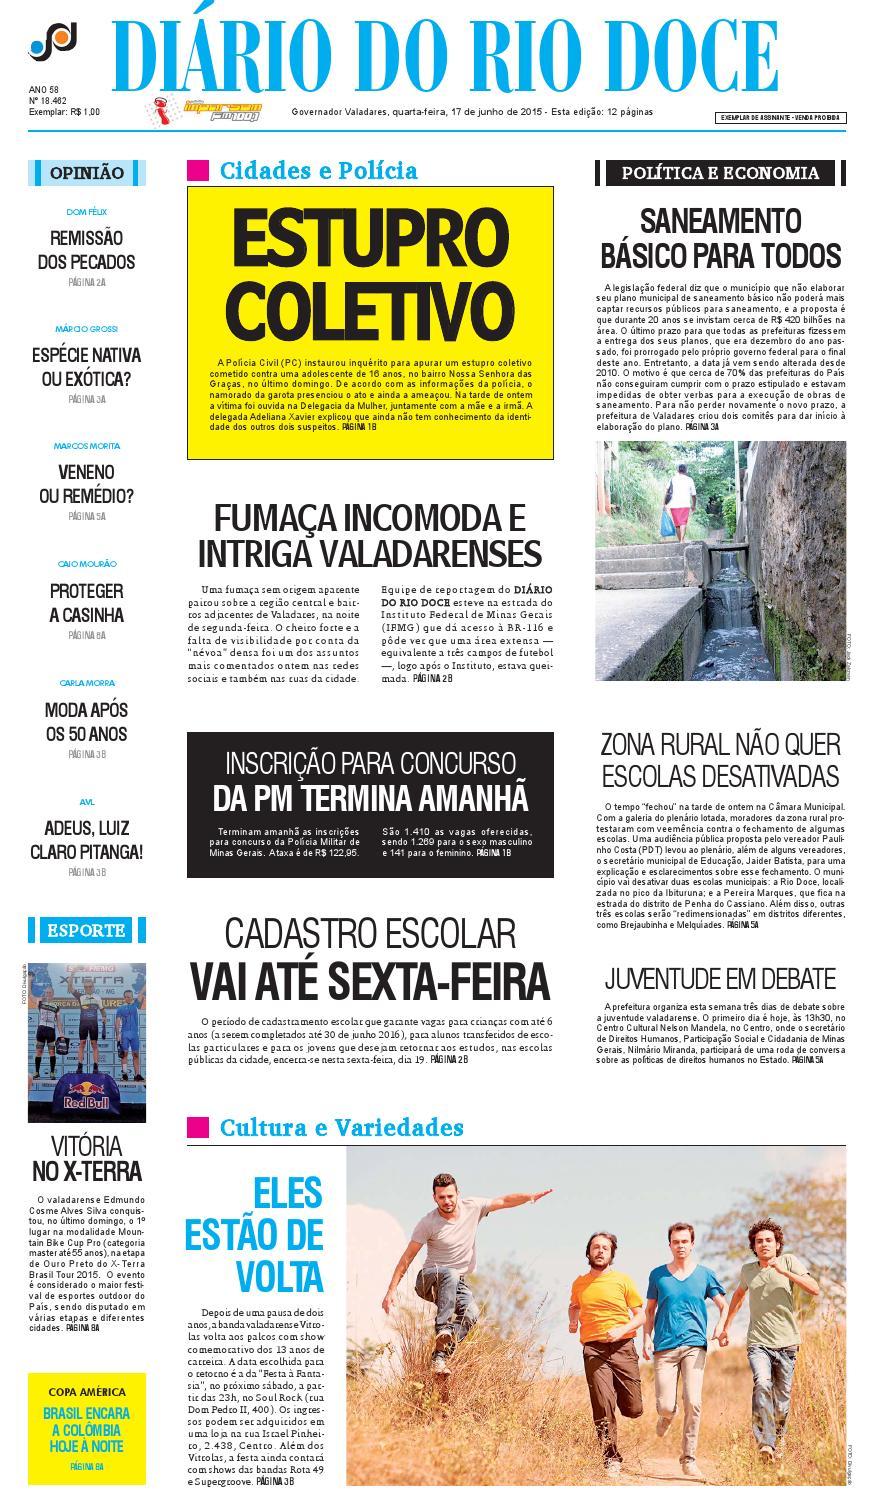 Diário do Rio Doce - Edição de 17 06 2015 by Diário do Rio Doce - issuu e4c3208602